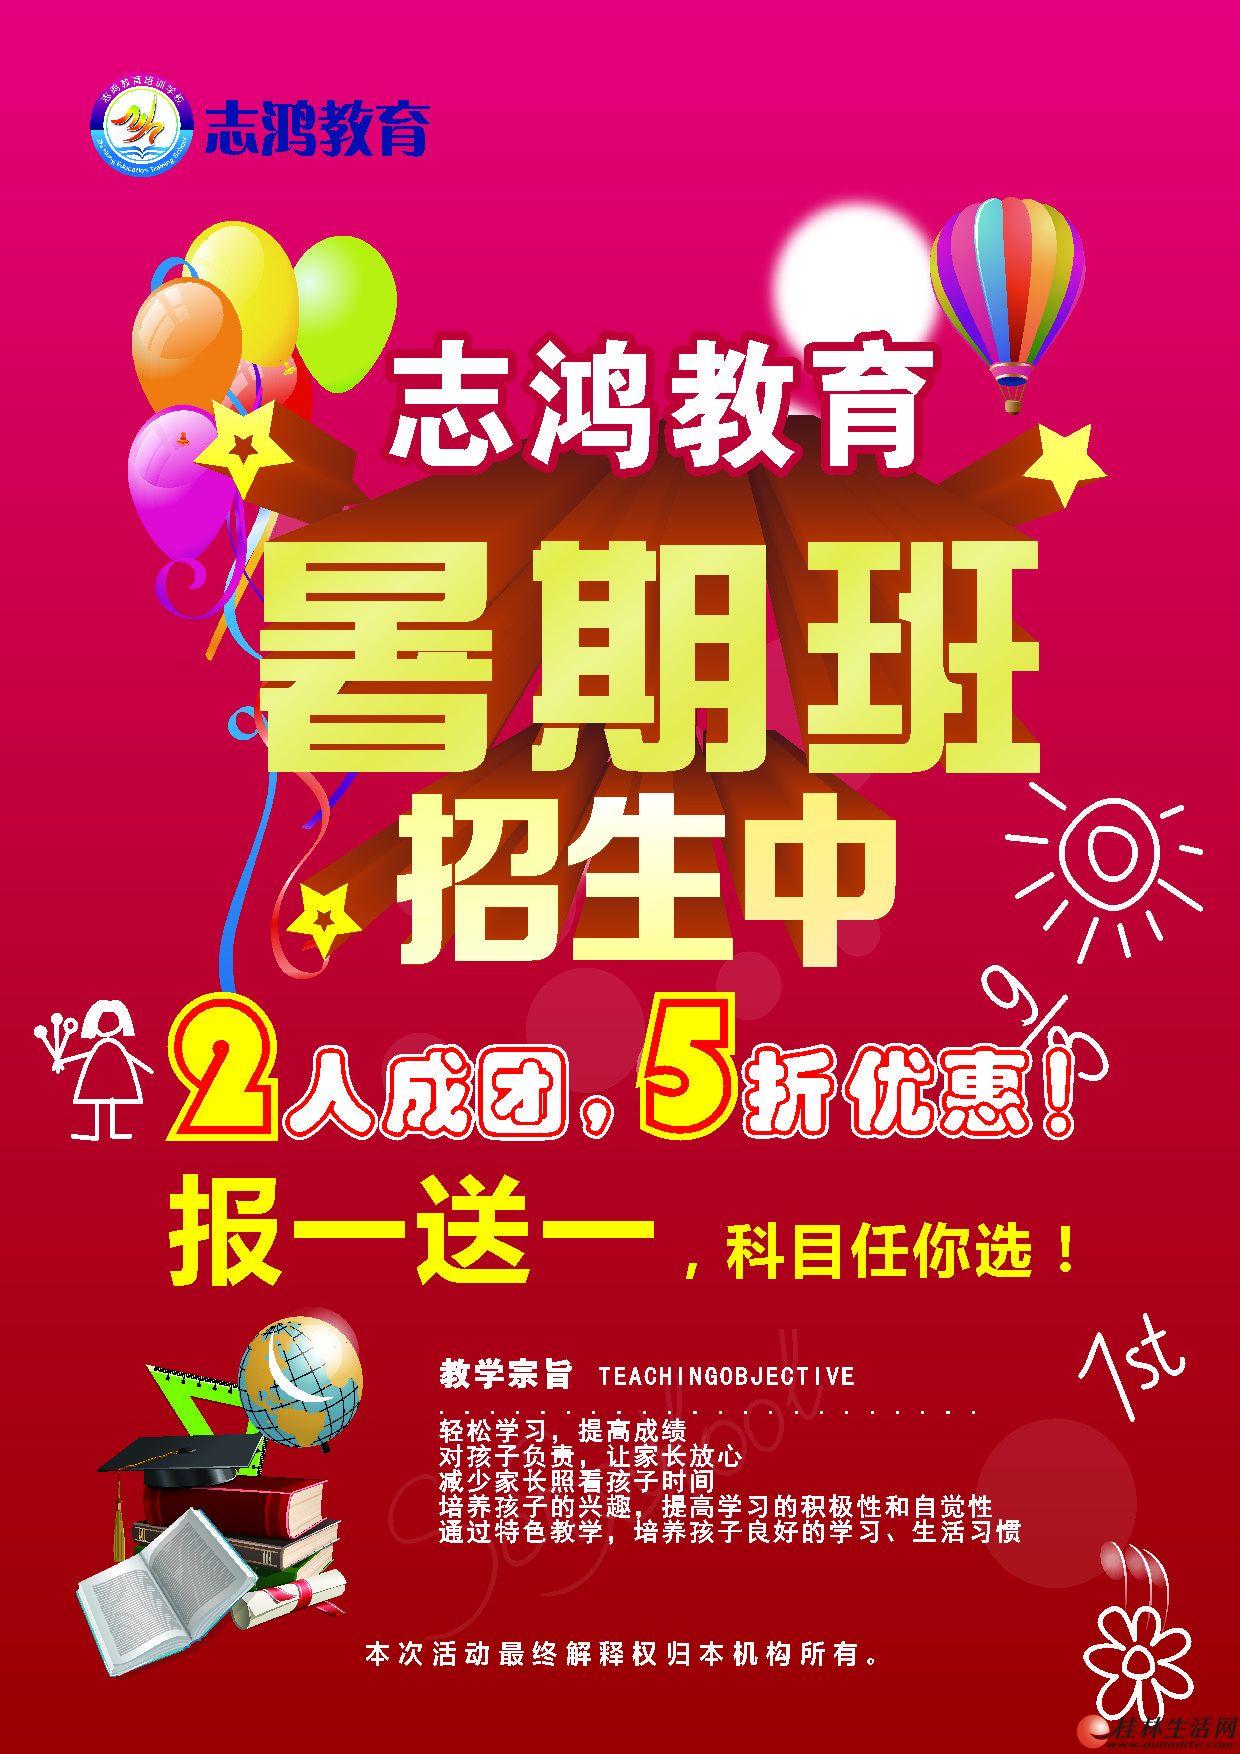 志鸿教育-暑期补习班火热招生中---2人成团5折优惠!